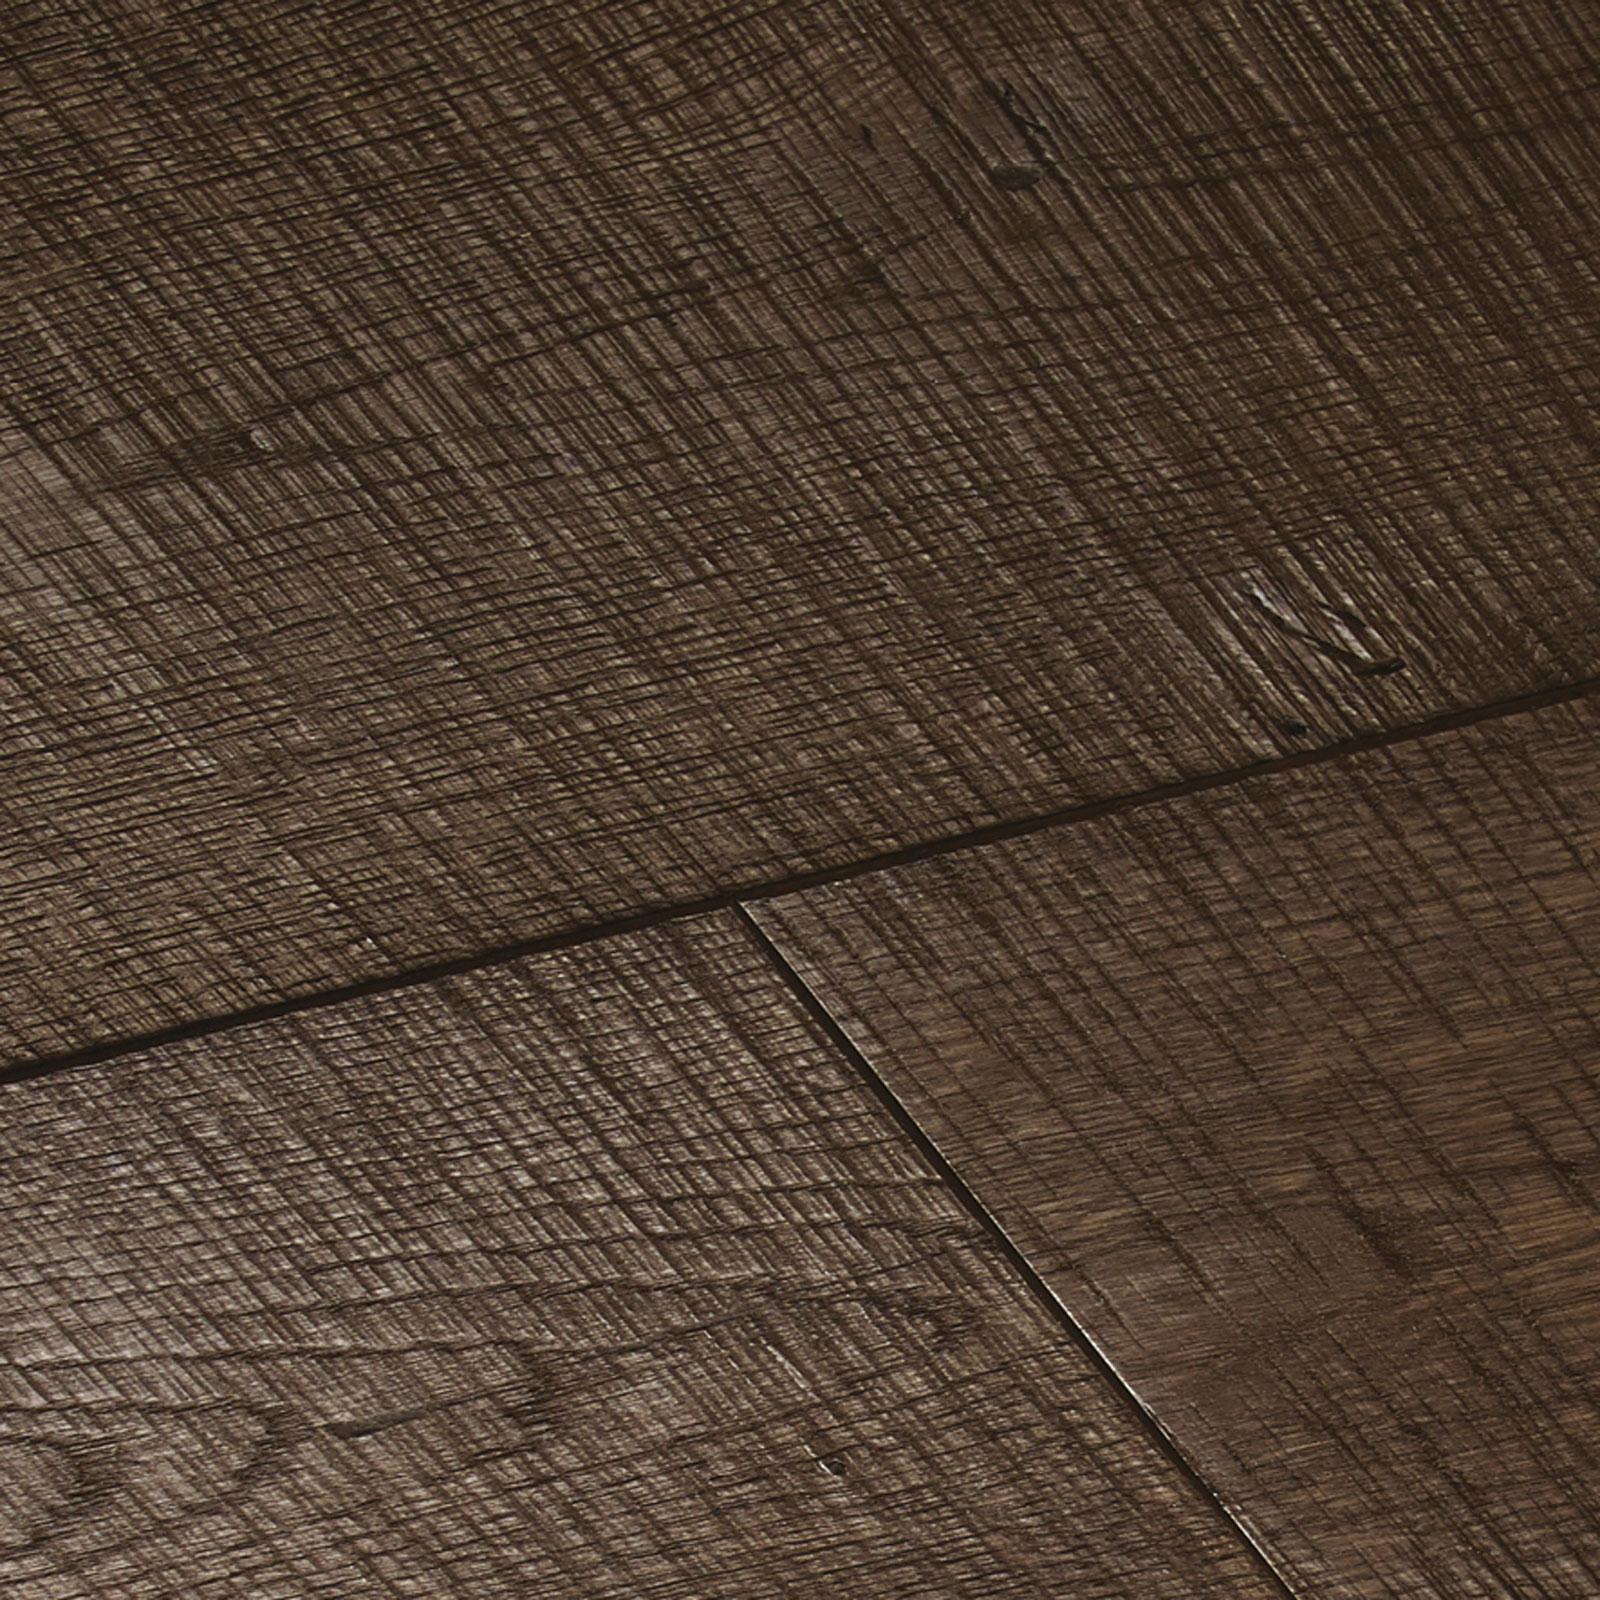 swatch-cropped-chepstow-sawn-bronzed-oak-1600